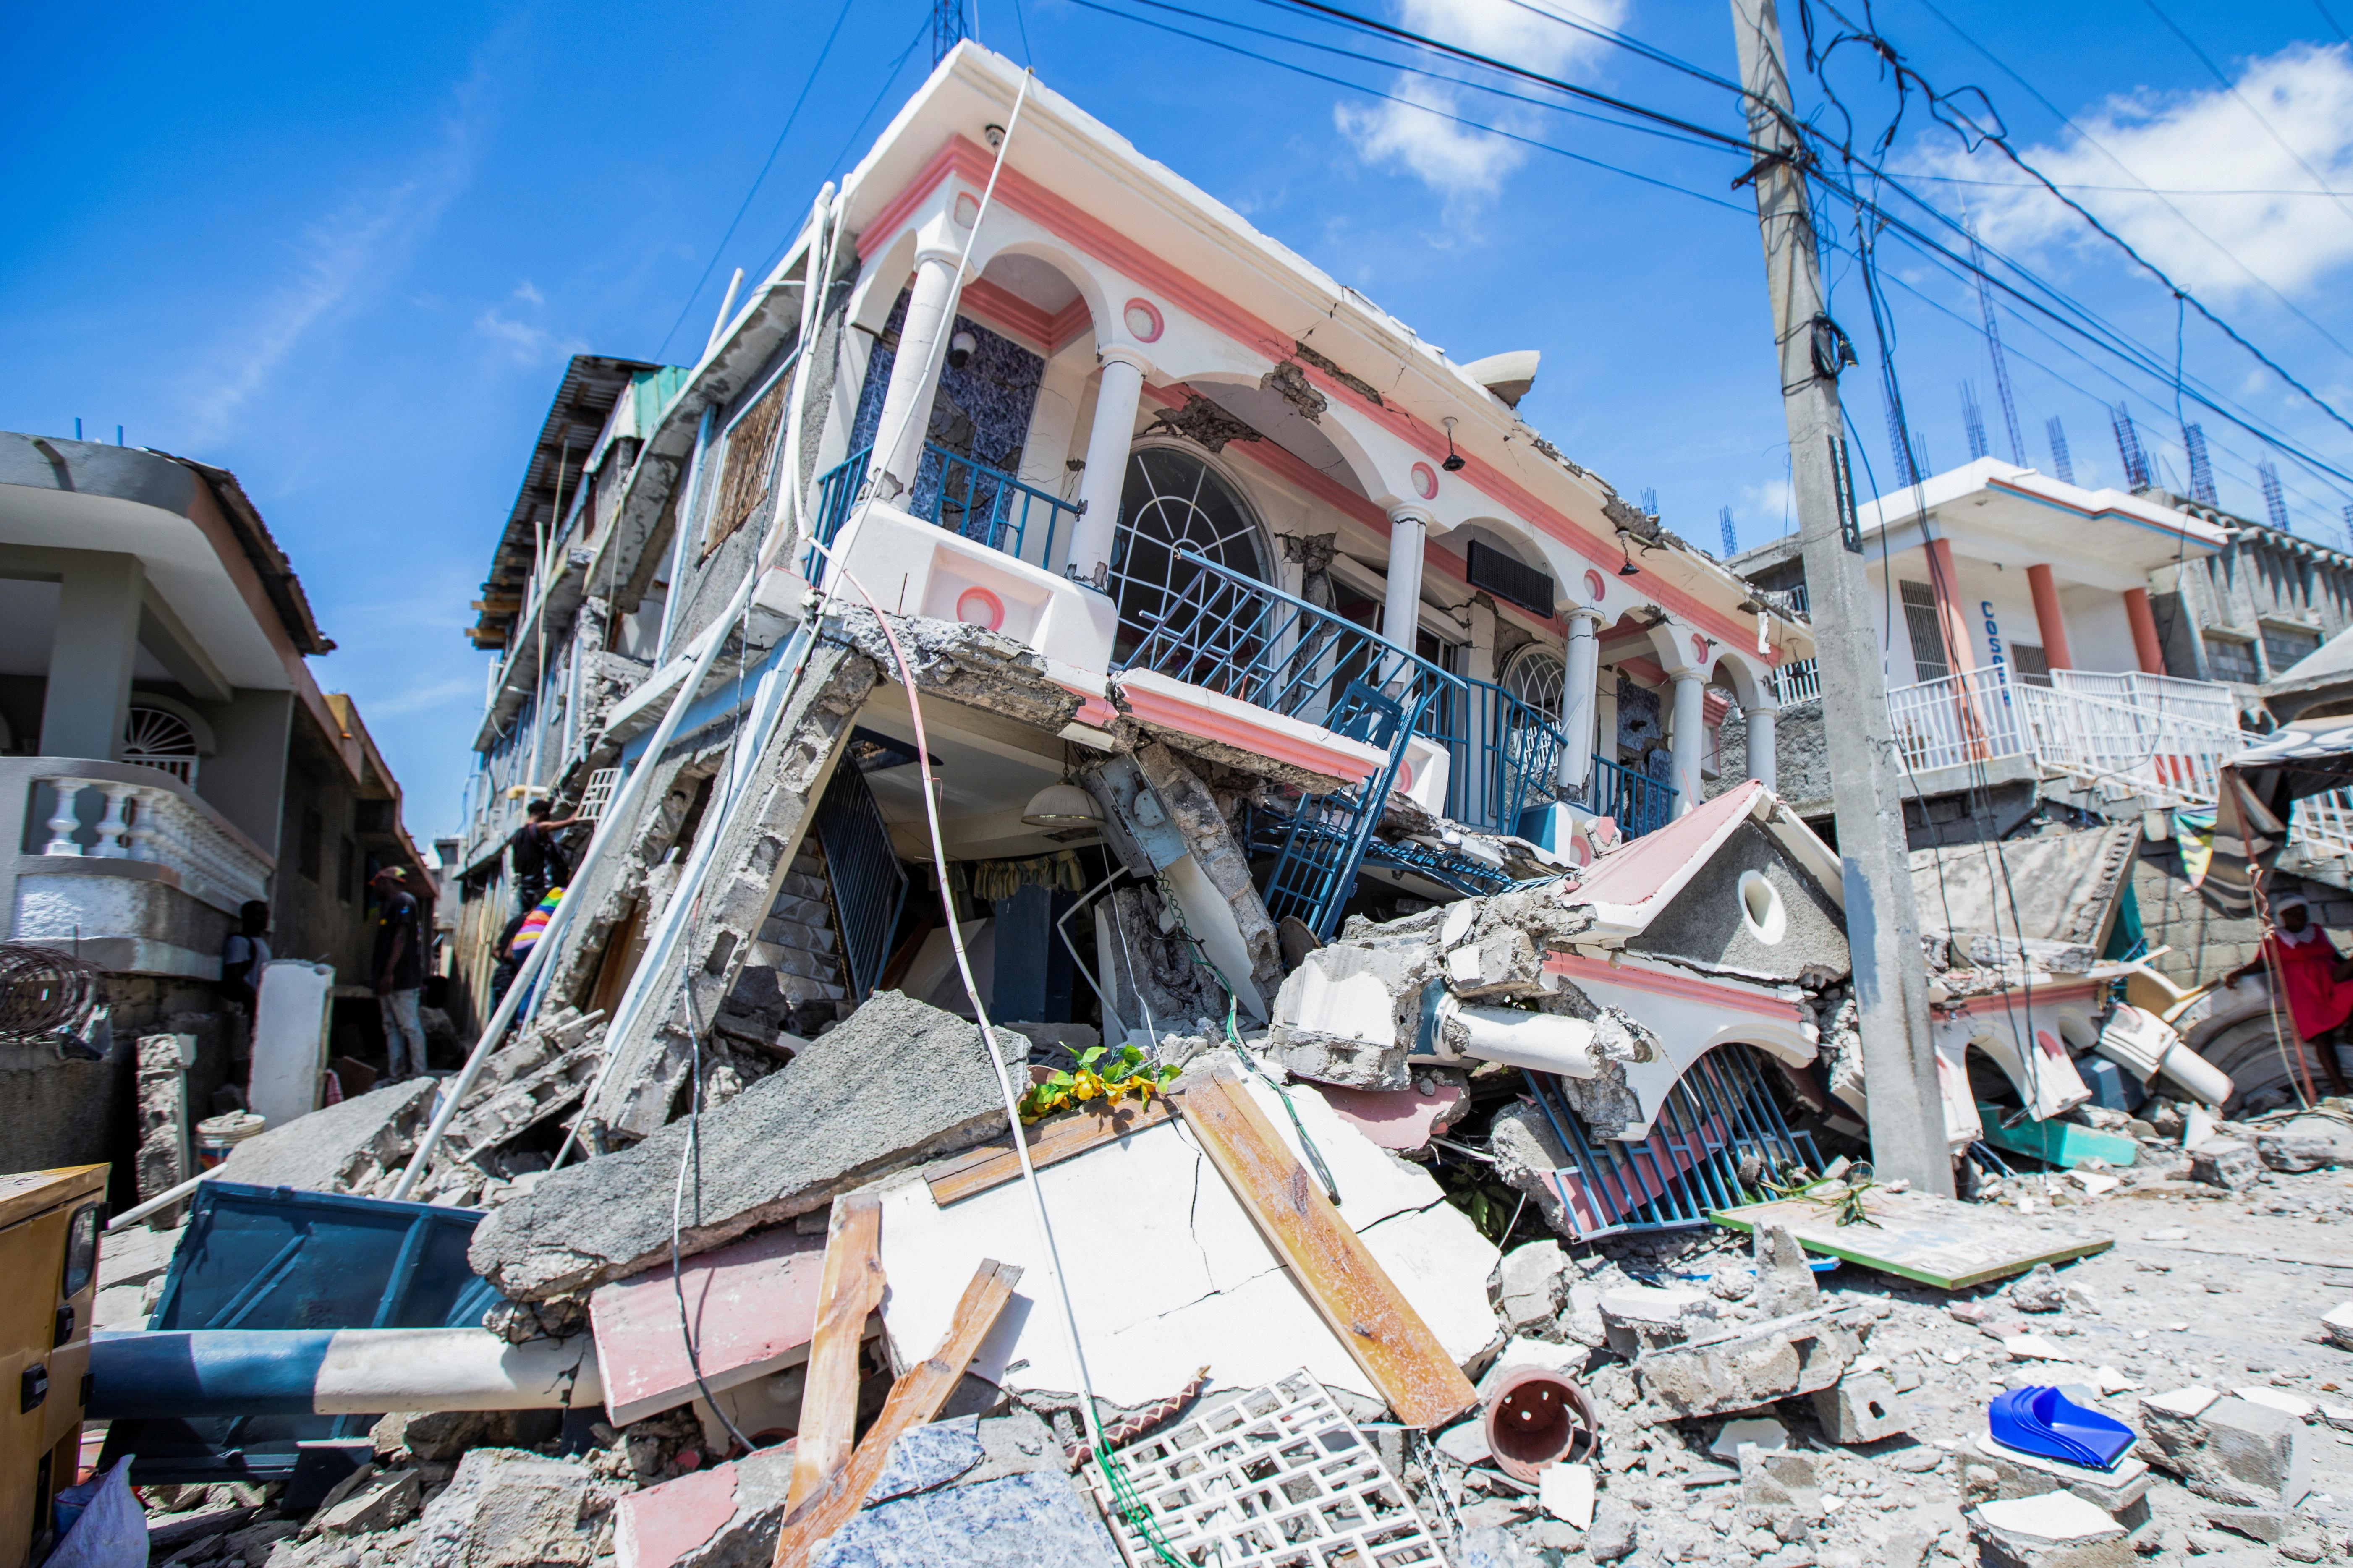 2021 08 15T020705Z 1173683348 RC2E5P9KWO4T RTRMADP 3 HAITI QUAKE Cáritas Brasileira emite nota de solidariedade ao Haiti